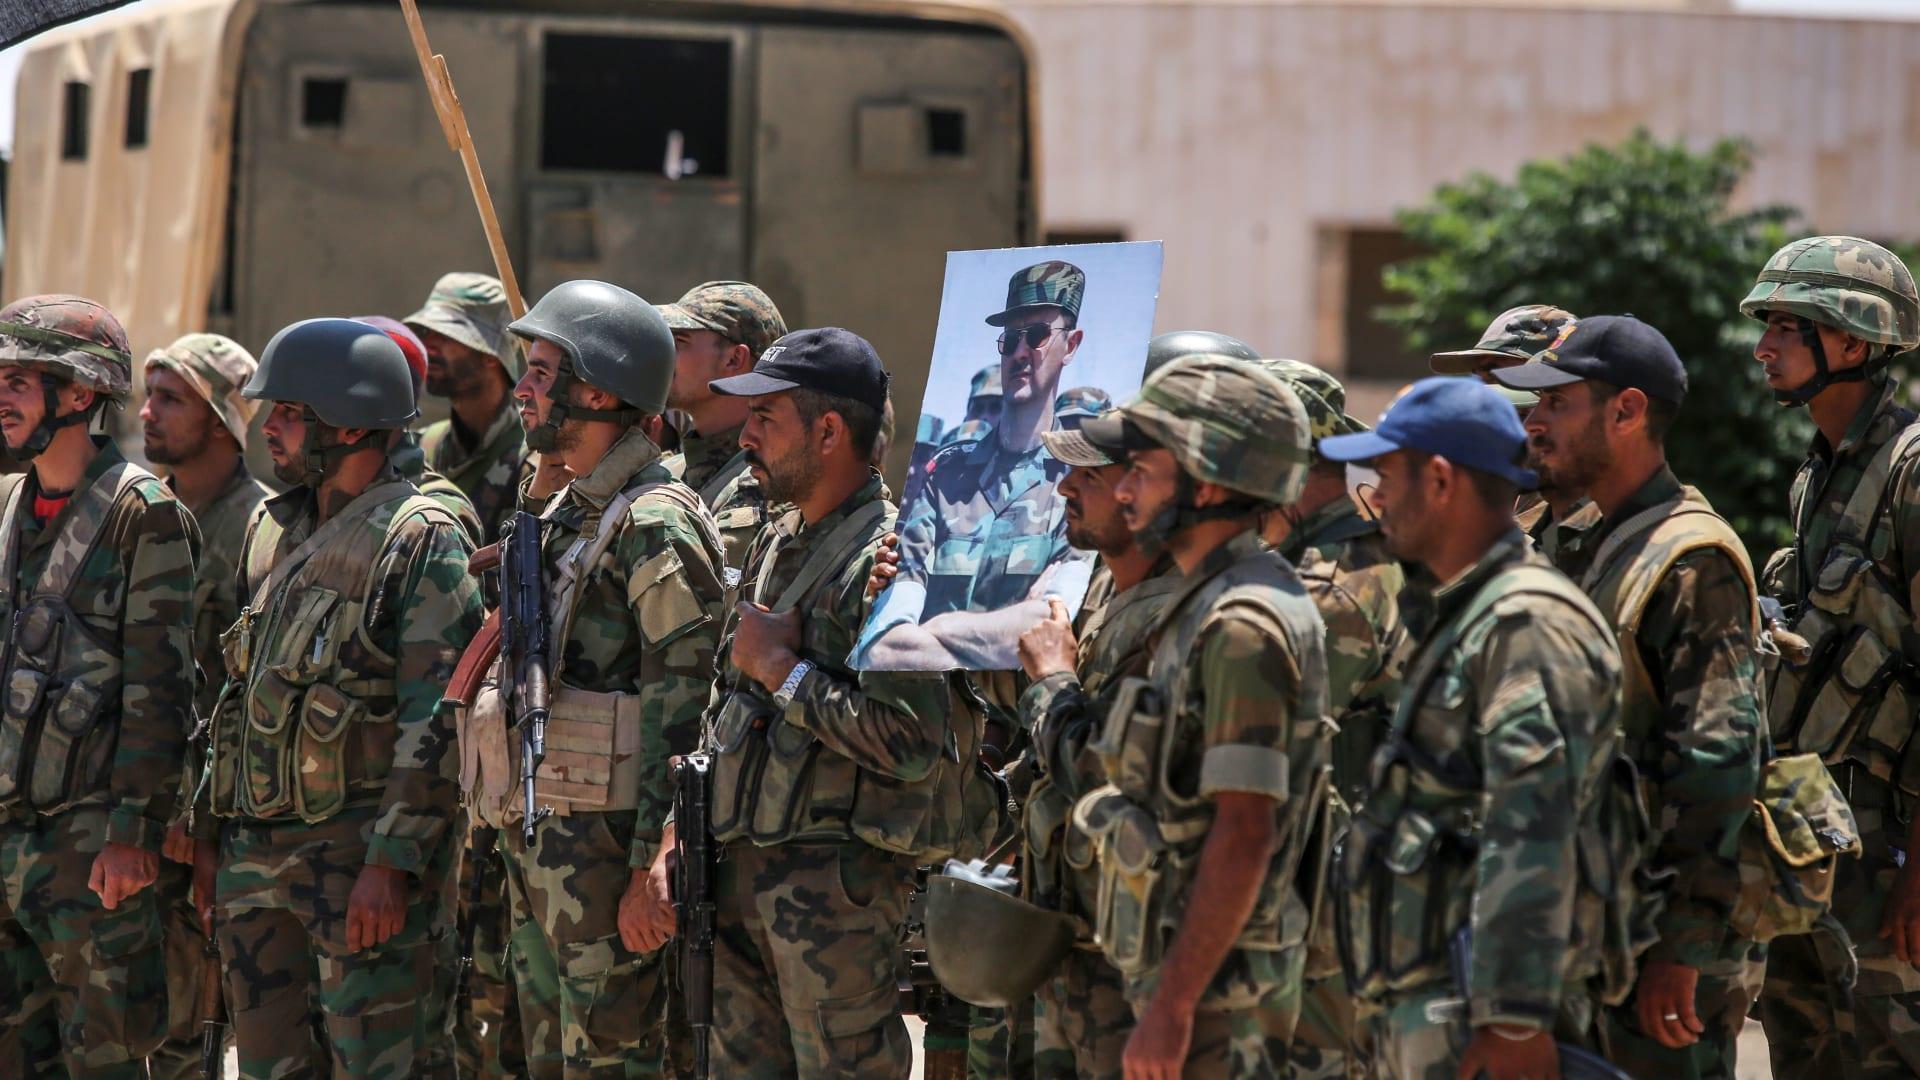 النظام السوري يعلن مقتل 38 شخصا في تفجير انتحاري بالسويداء